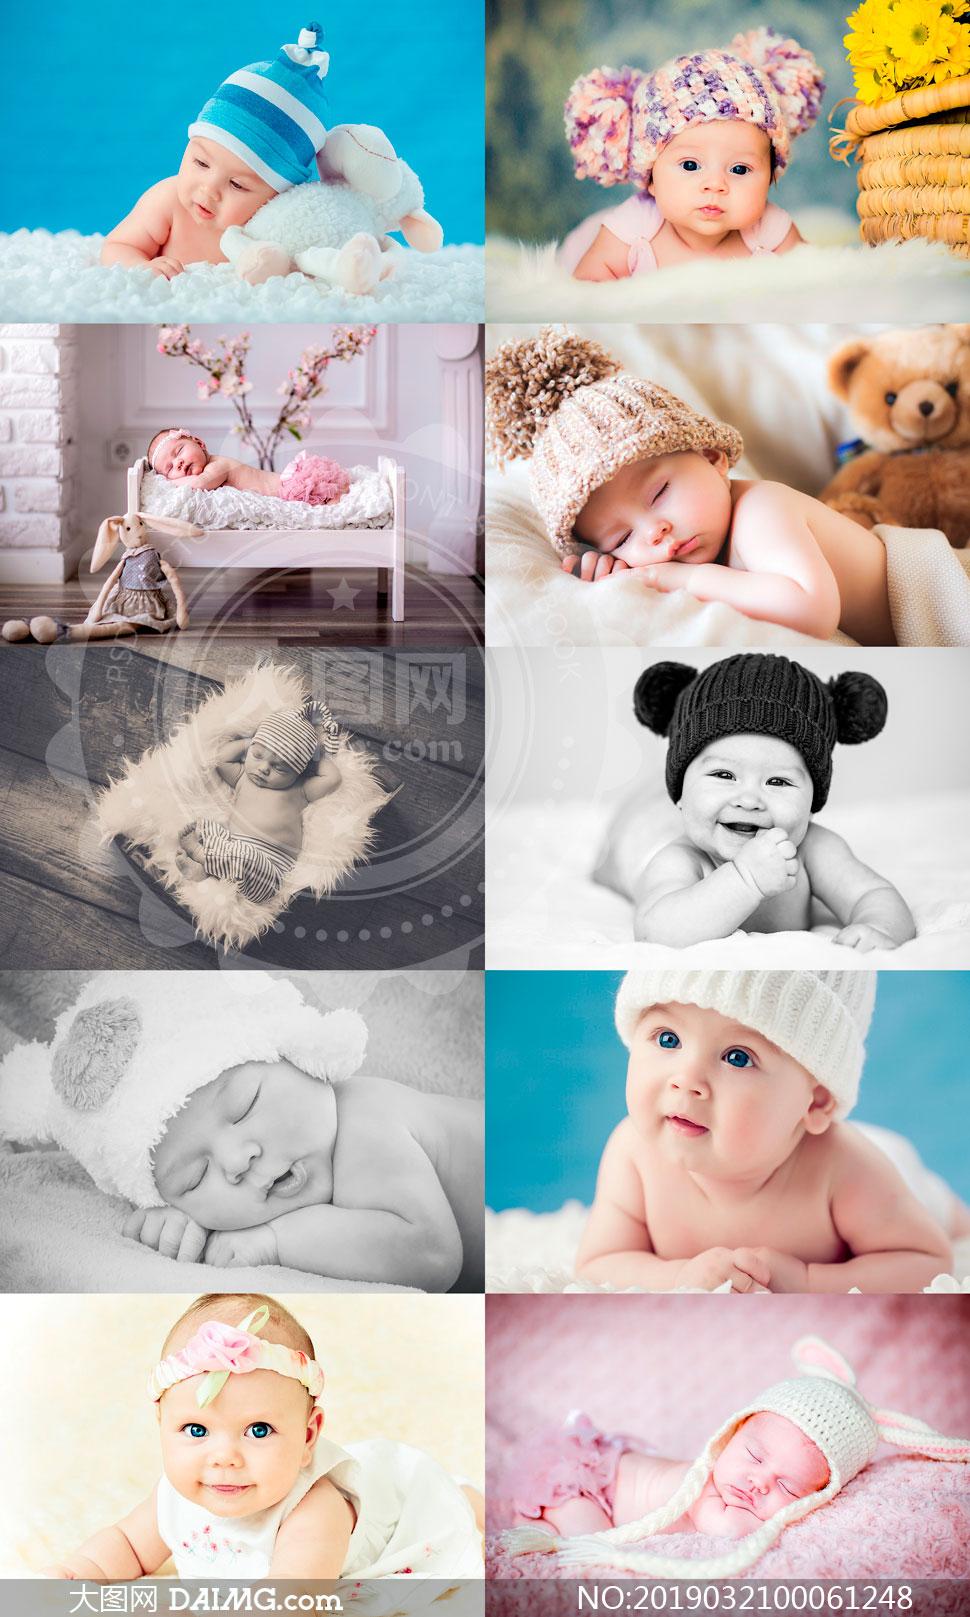 歐美新生兒照片甜美暖效果LR預設V1